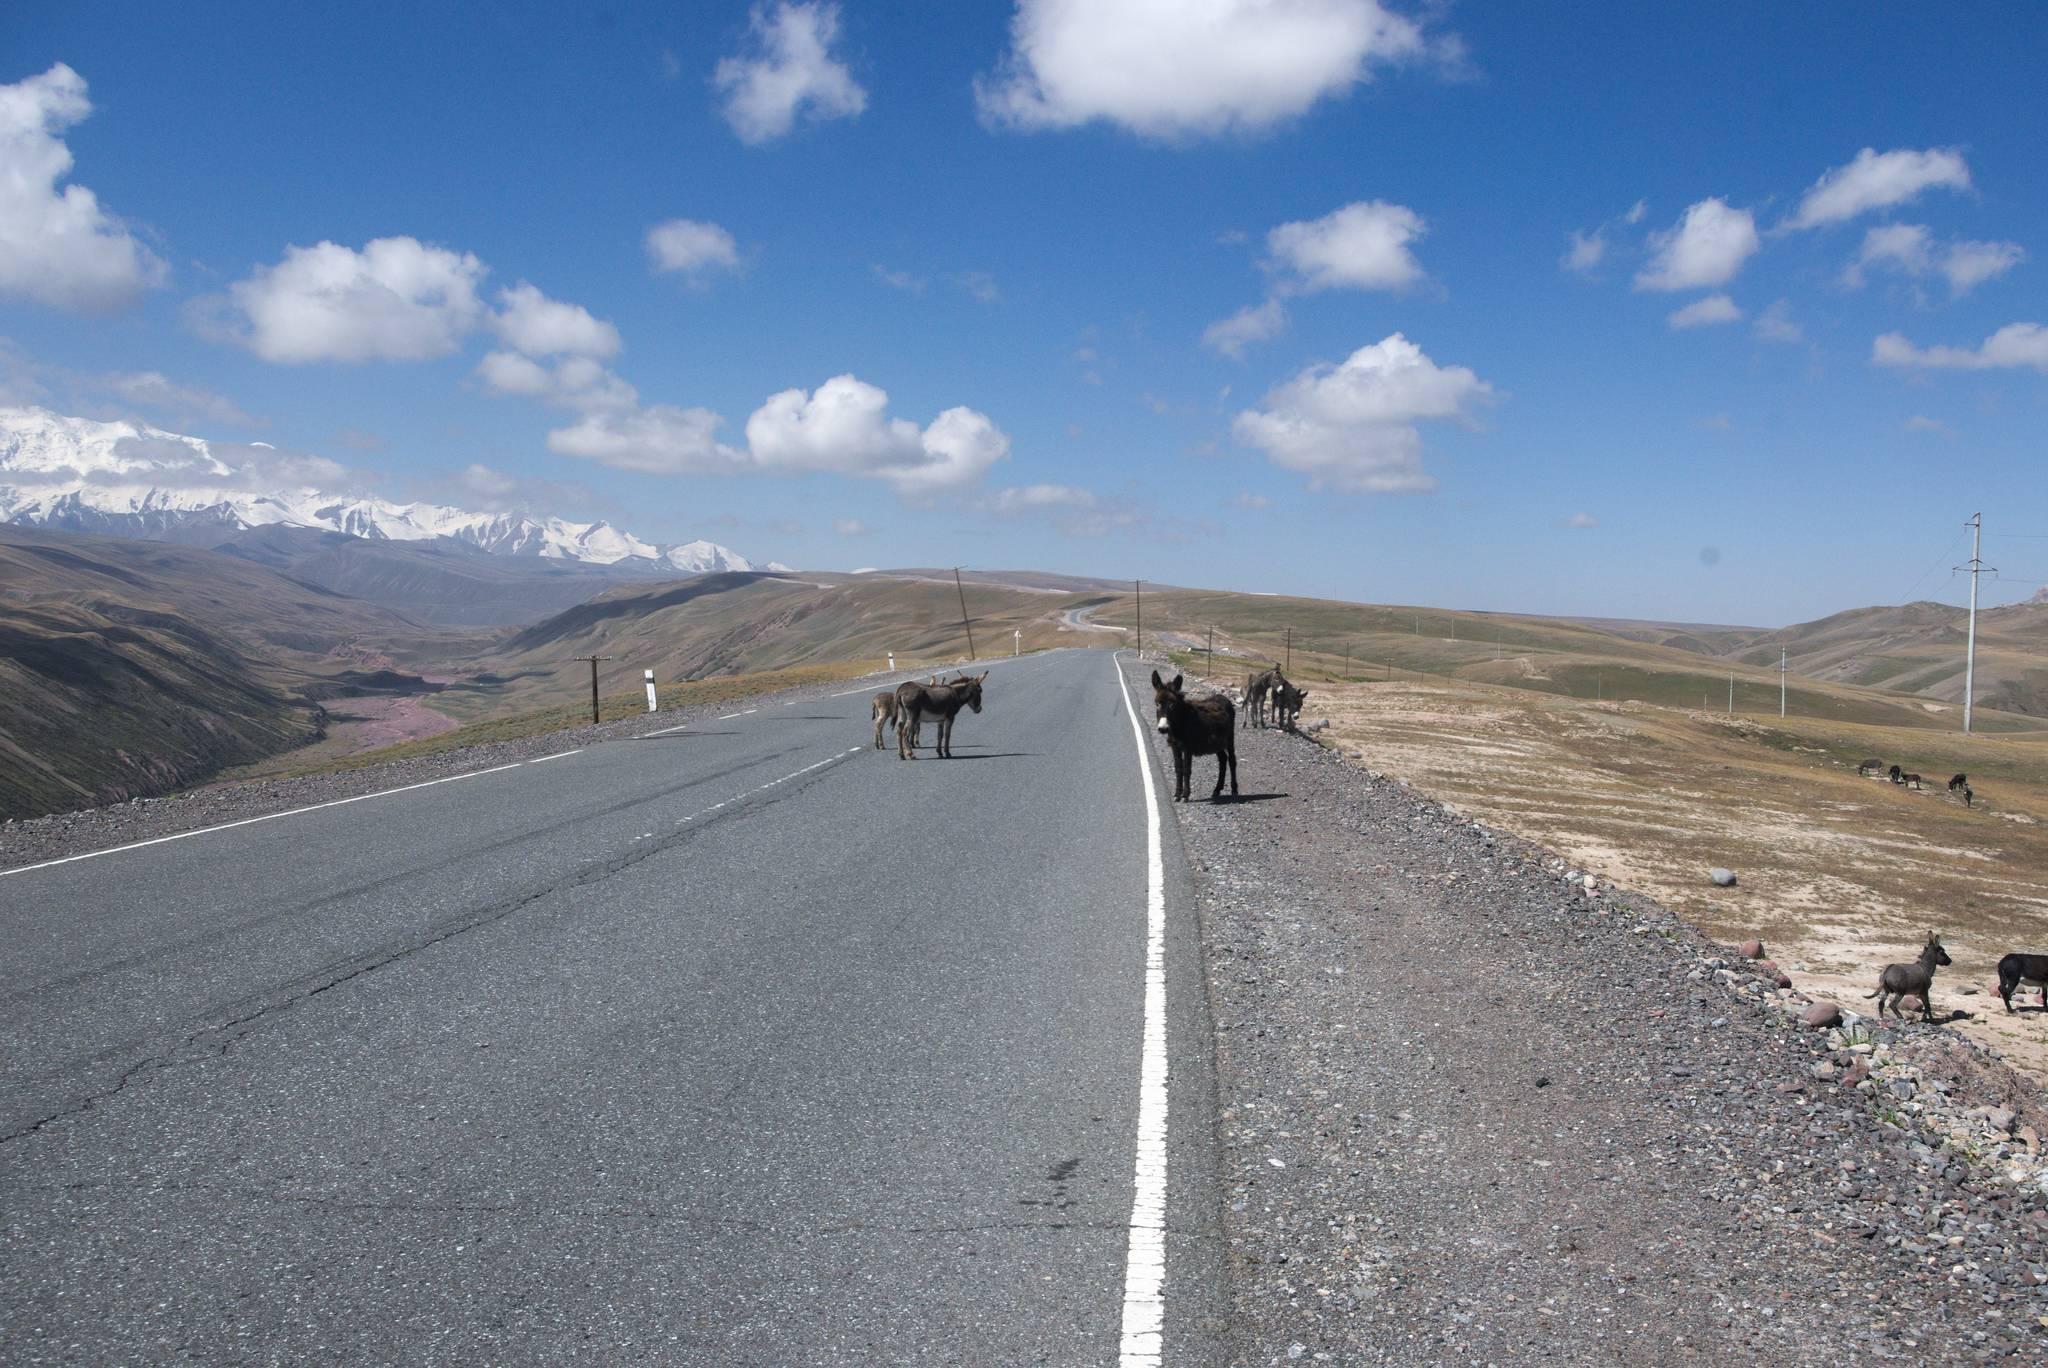 Mamy tu osły, zwierze nie spotykane w Mongolii i Chinach